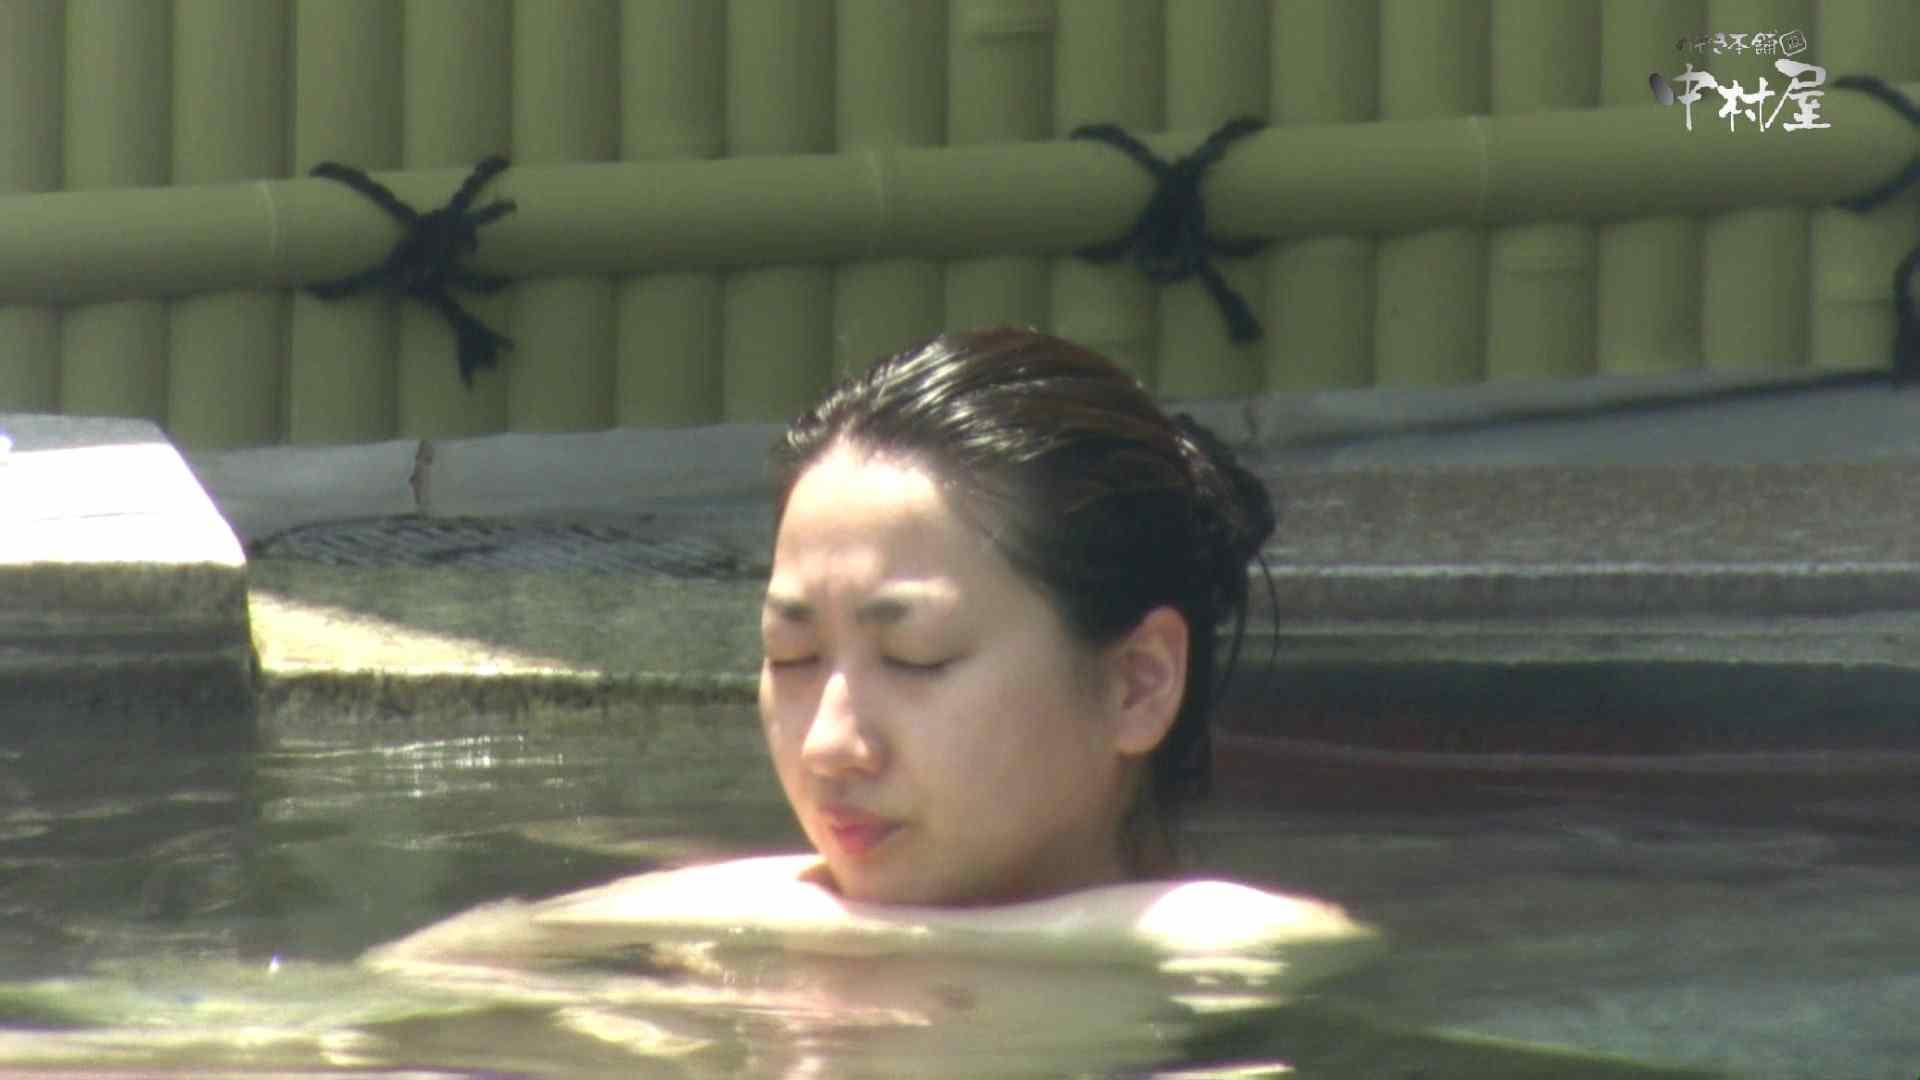 Aquaな露天風呂Vol.888 露天風呂 | 盗撮  101連発 55